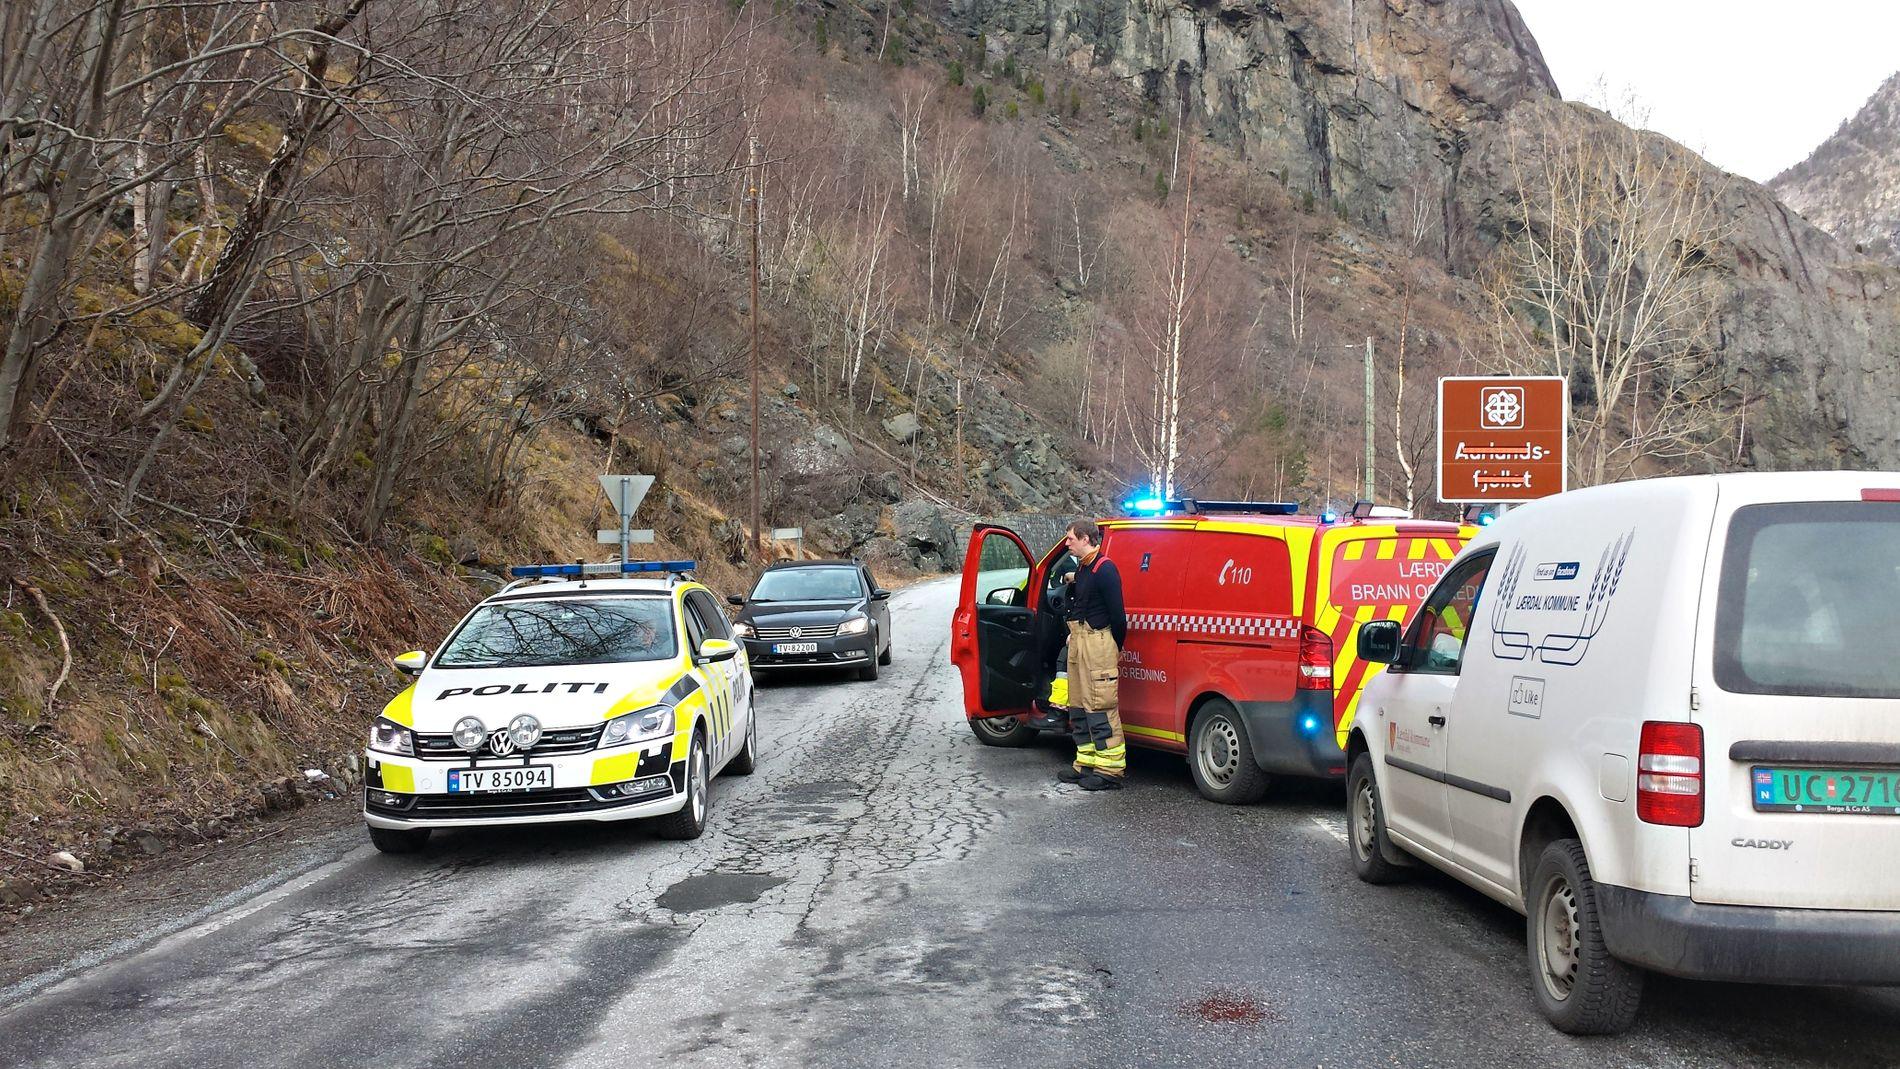 DØSDULYKKE: Fylkesvei 243 mellom Lærdal og Erdal er stengt etter en dødsulykke tirsdag formiddag.